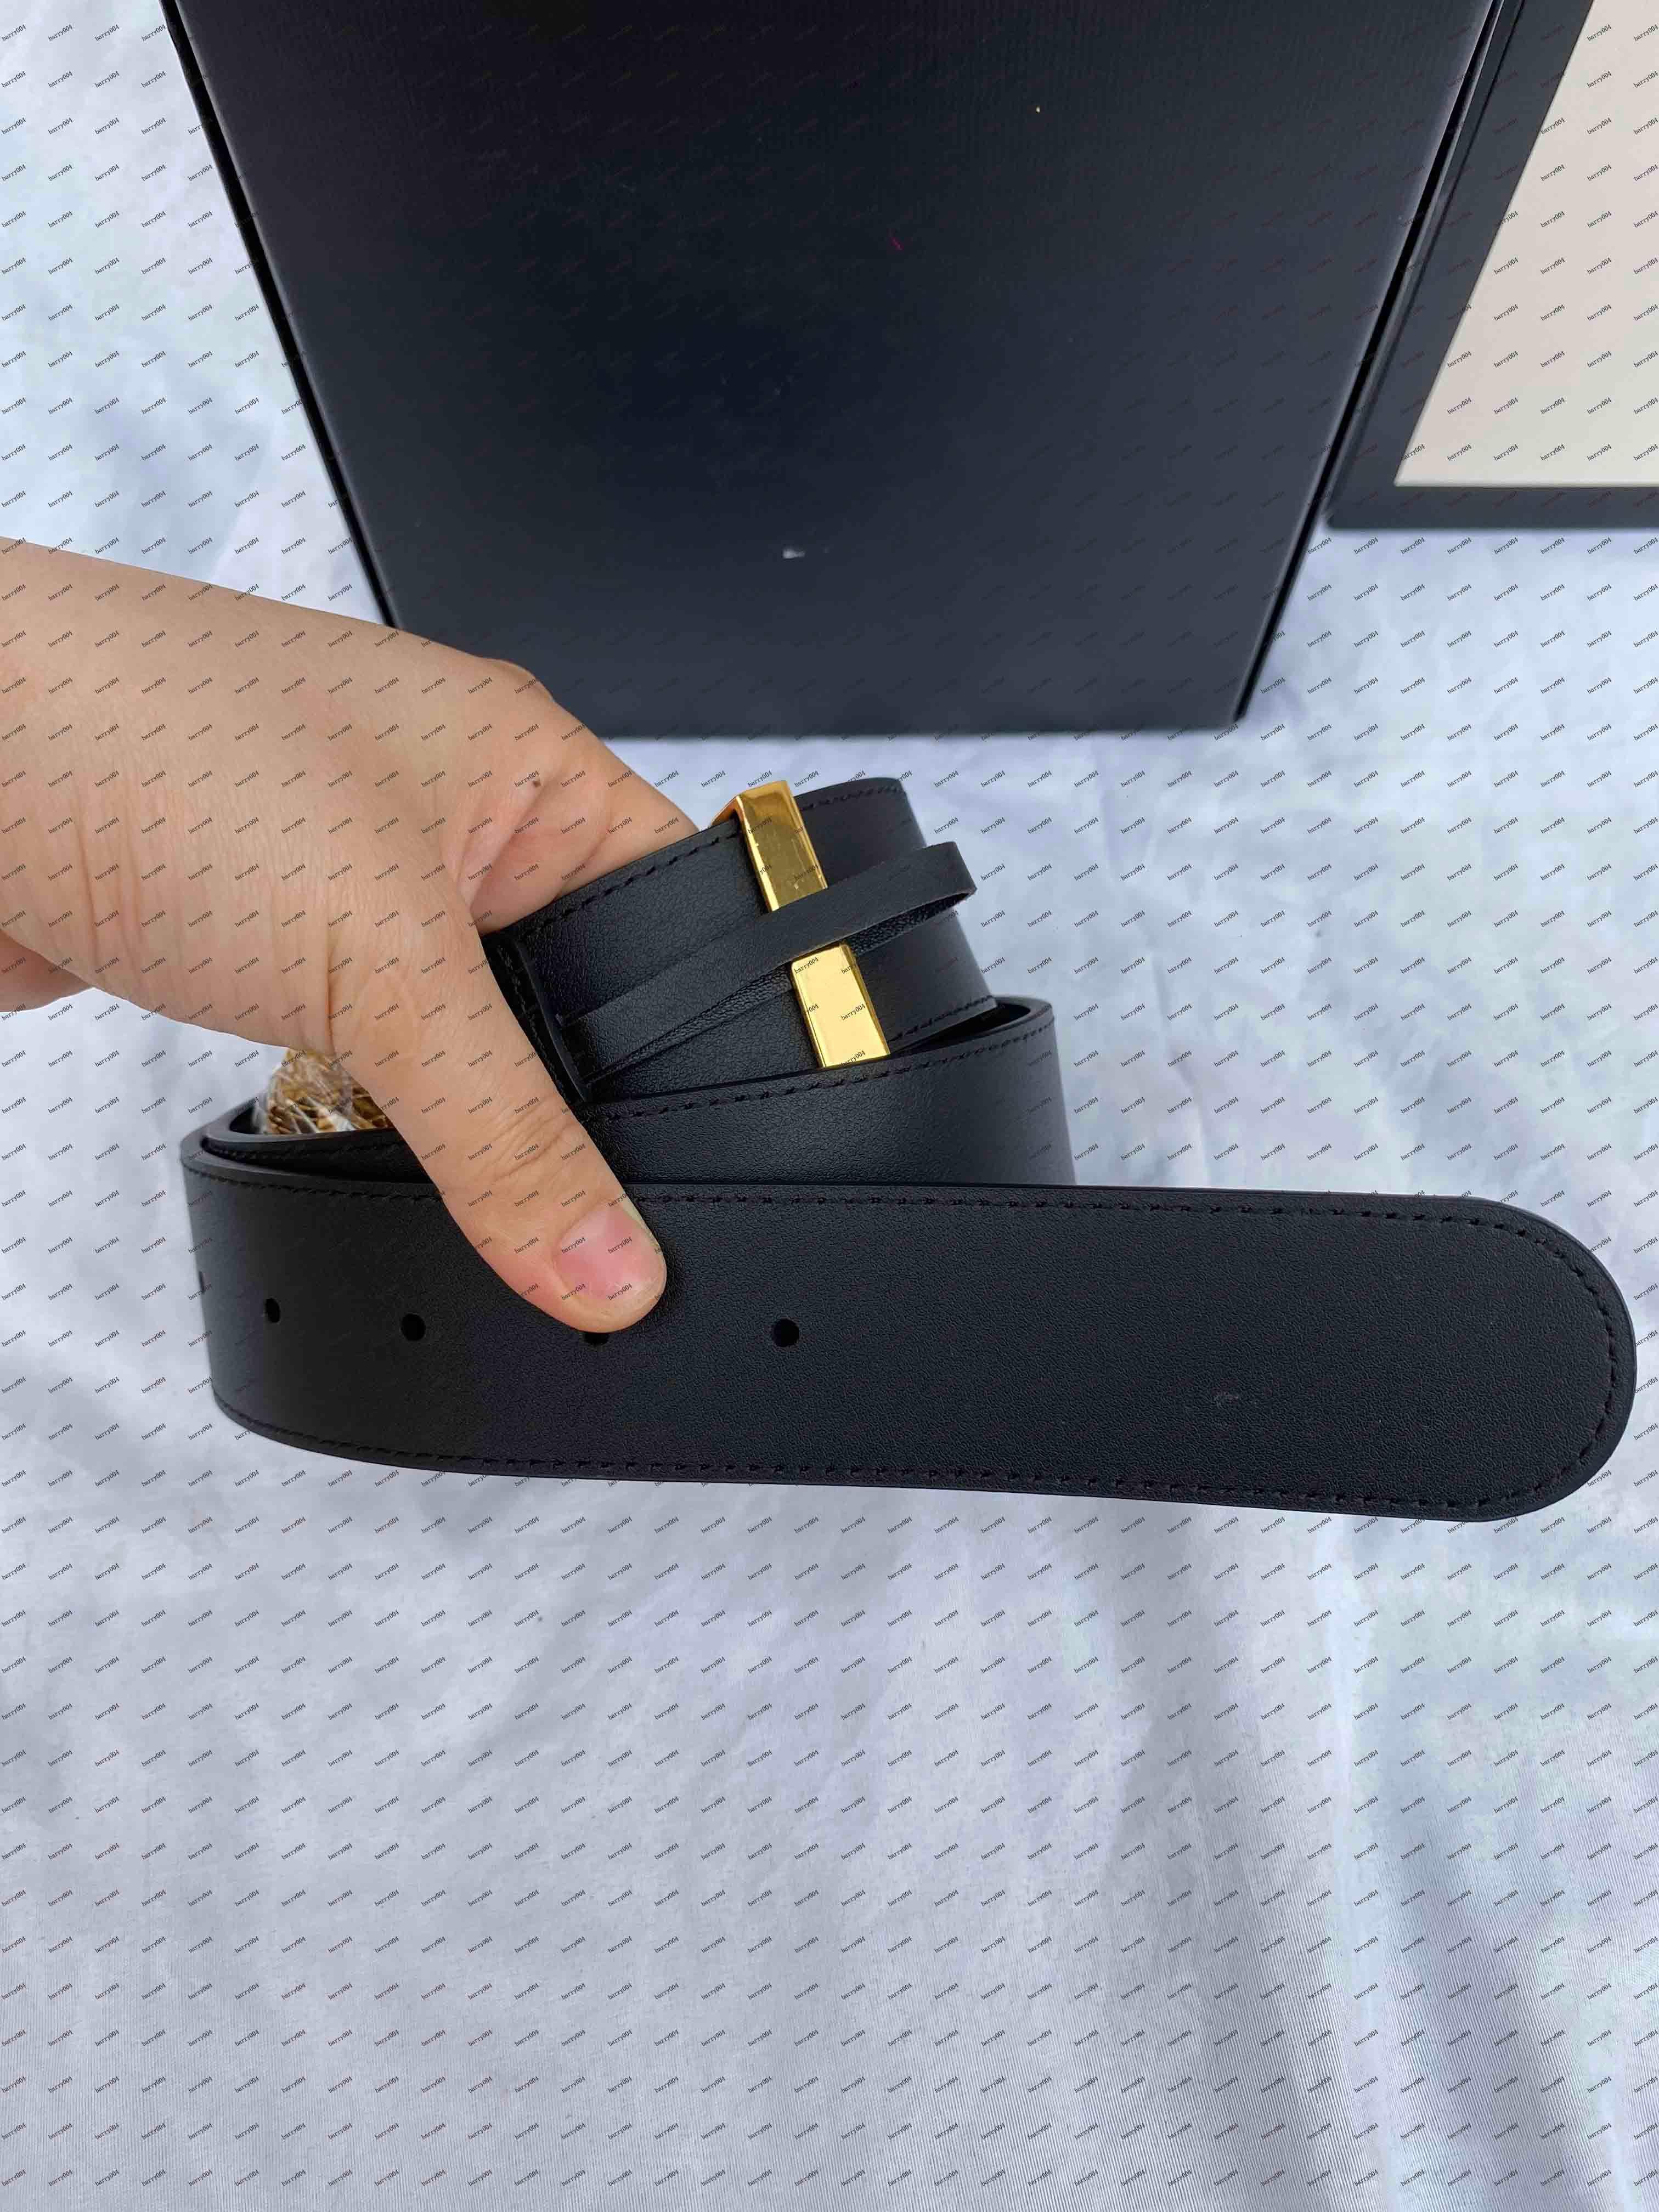 Klassische beste Qualität 4 Farbe Echtes Leder Damen Gürtel mit Rahmen Herrengürtel Frauen Gold Silber Schnalle Gürtel Freies Verschiffen 10